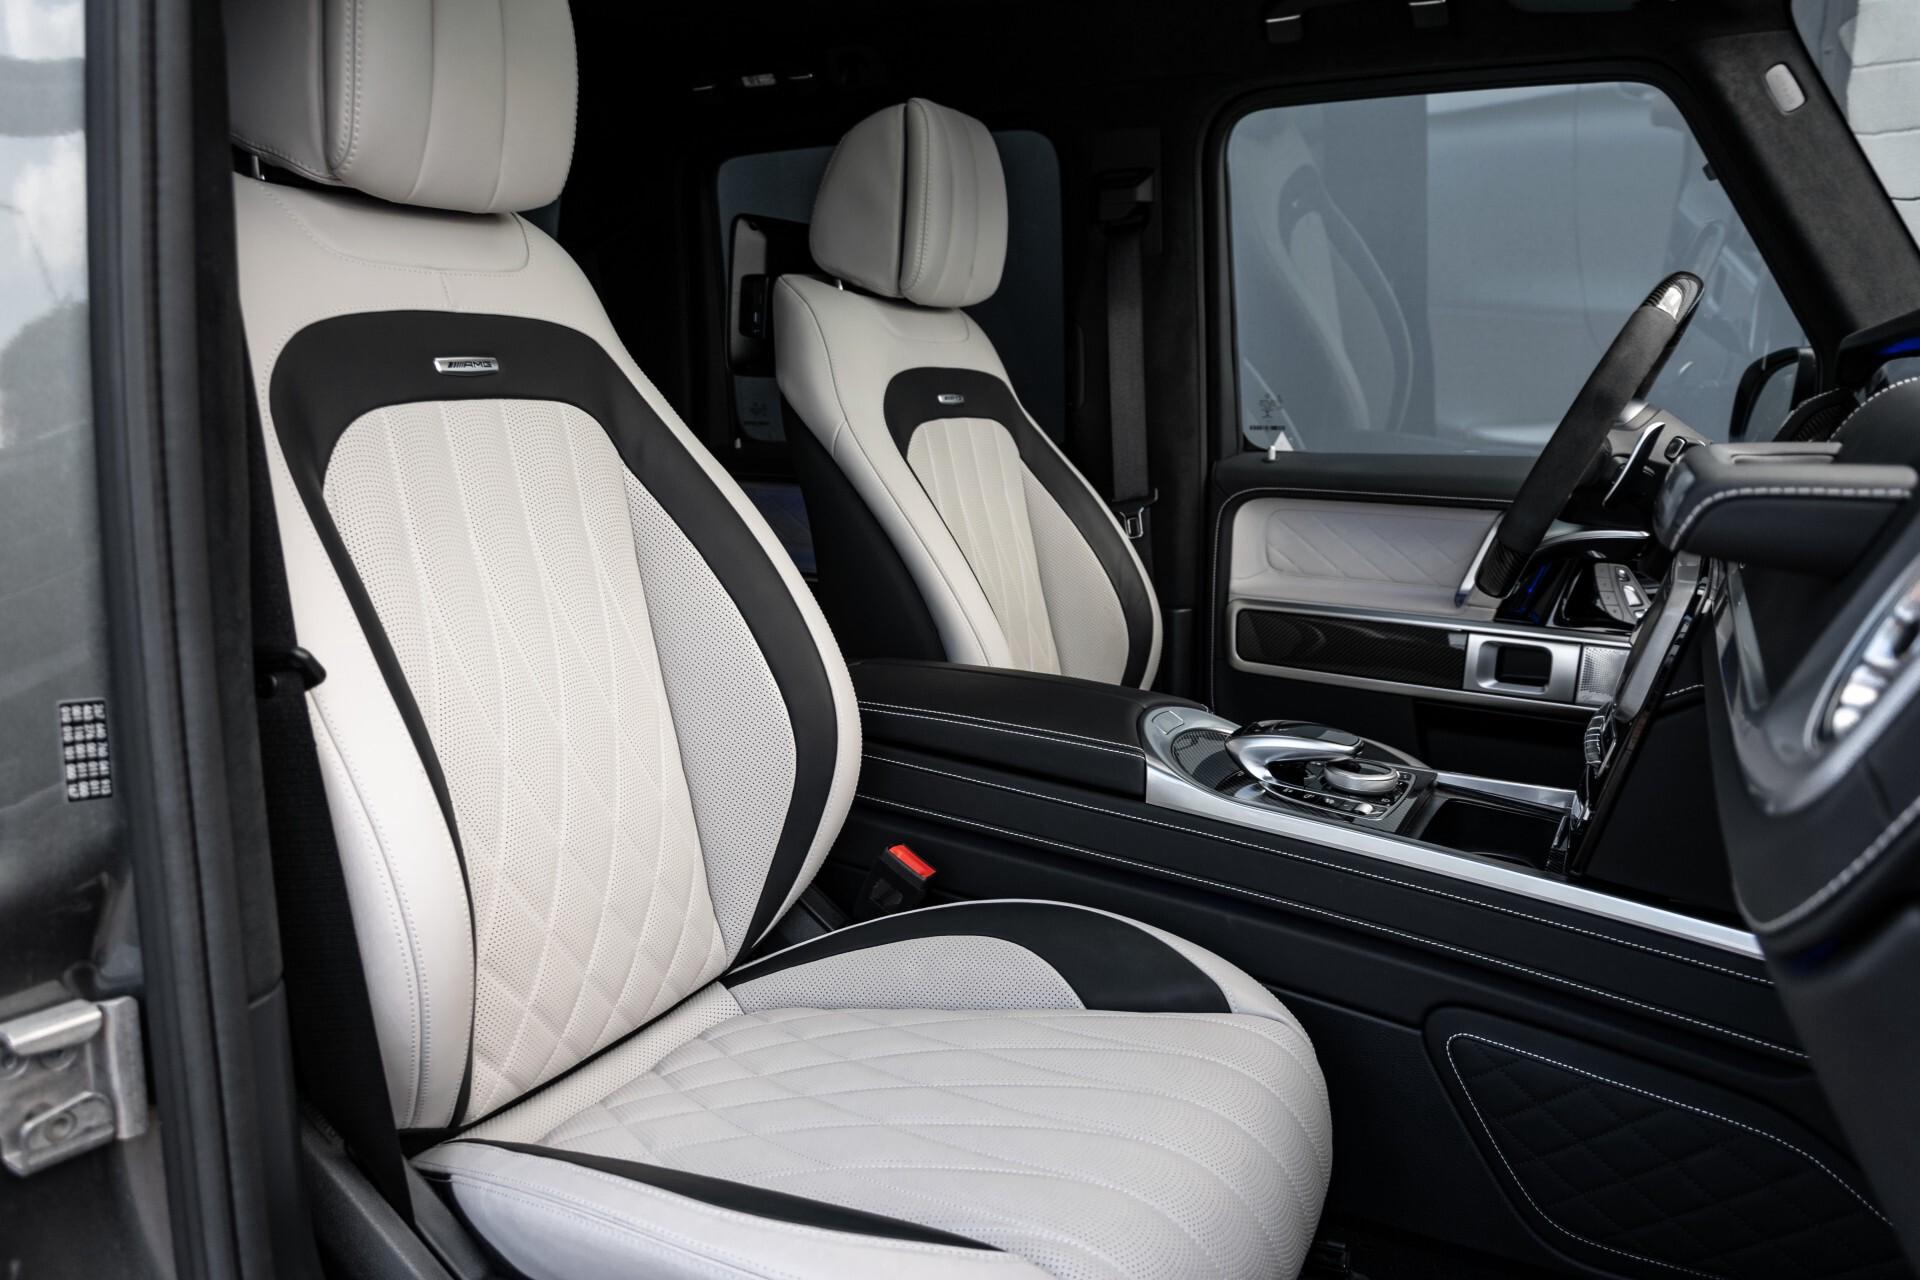 Mercedes-Benz G-Klasse 63 Manufaktur/Carbon/Massage/Entertainment/Drivers Package/TV Aut9 Foto 4